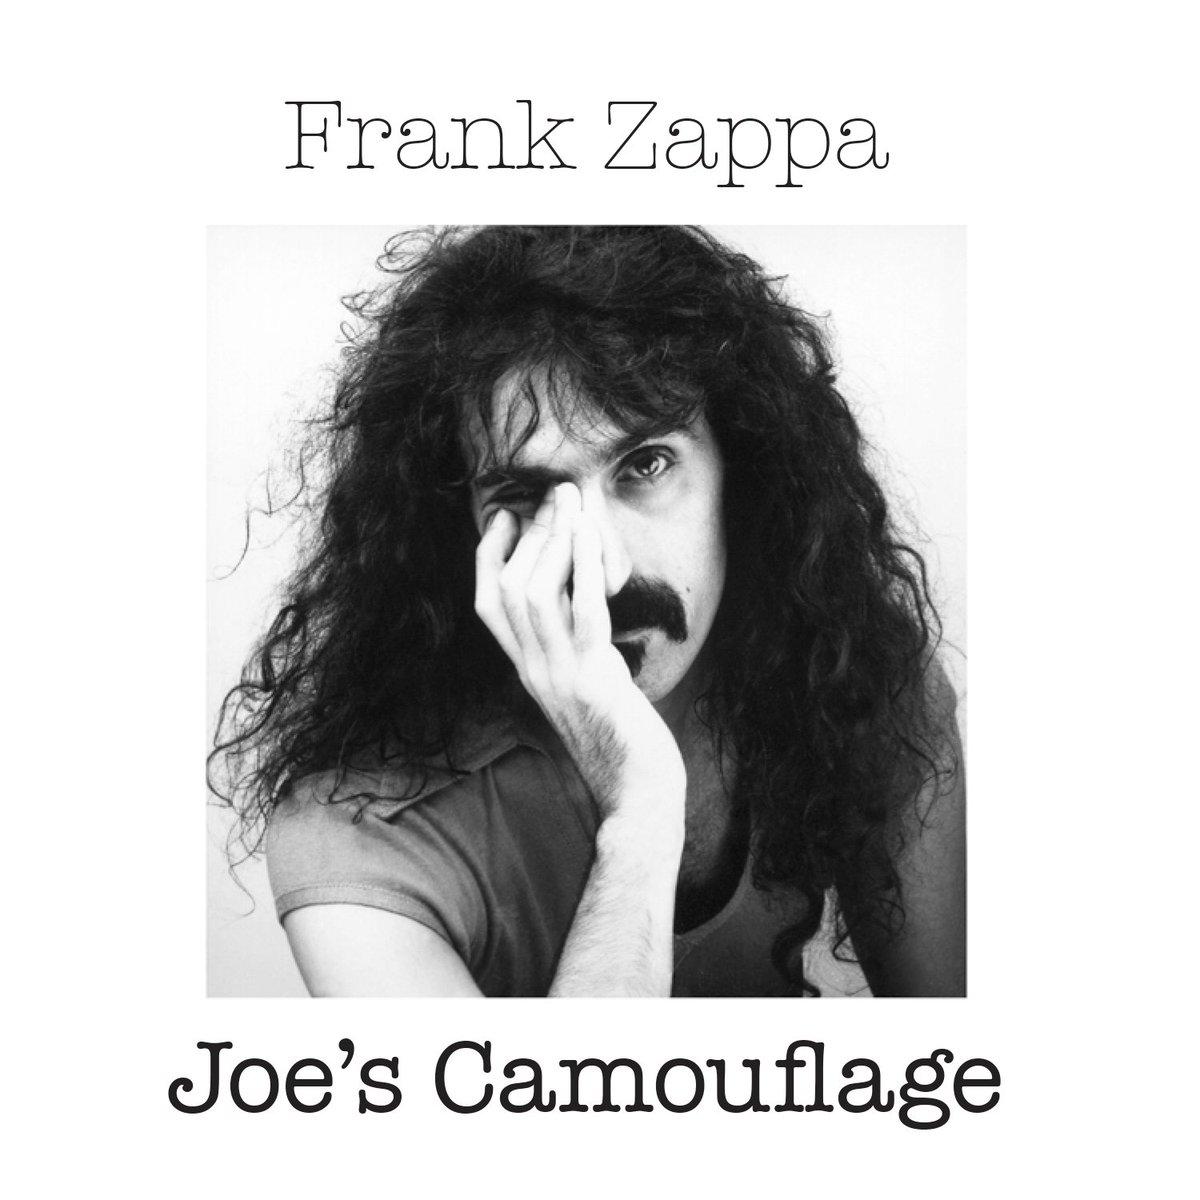 Frank Zappa Happy Birthday with regard to frank zappa (@zappa) | twitter